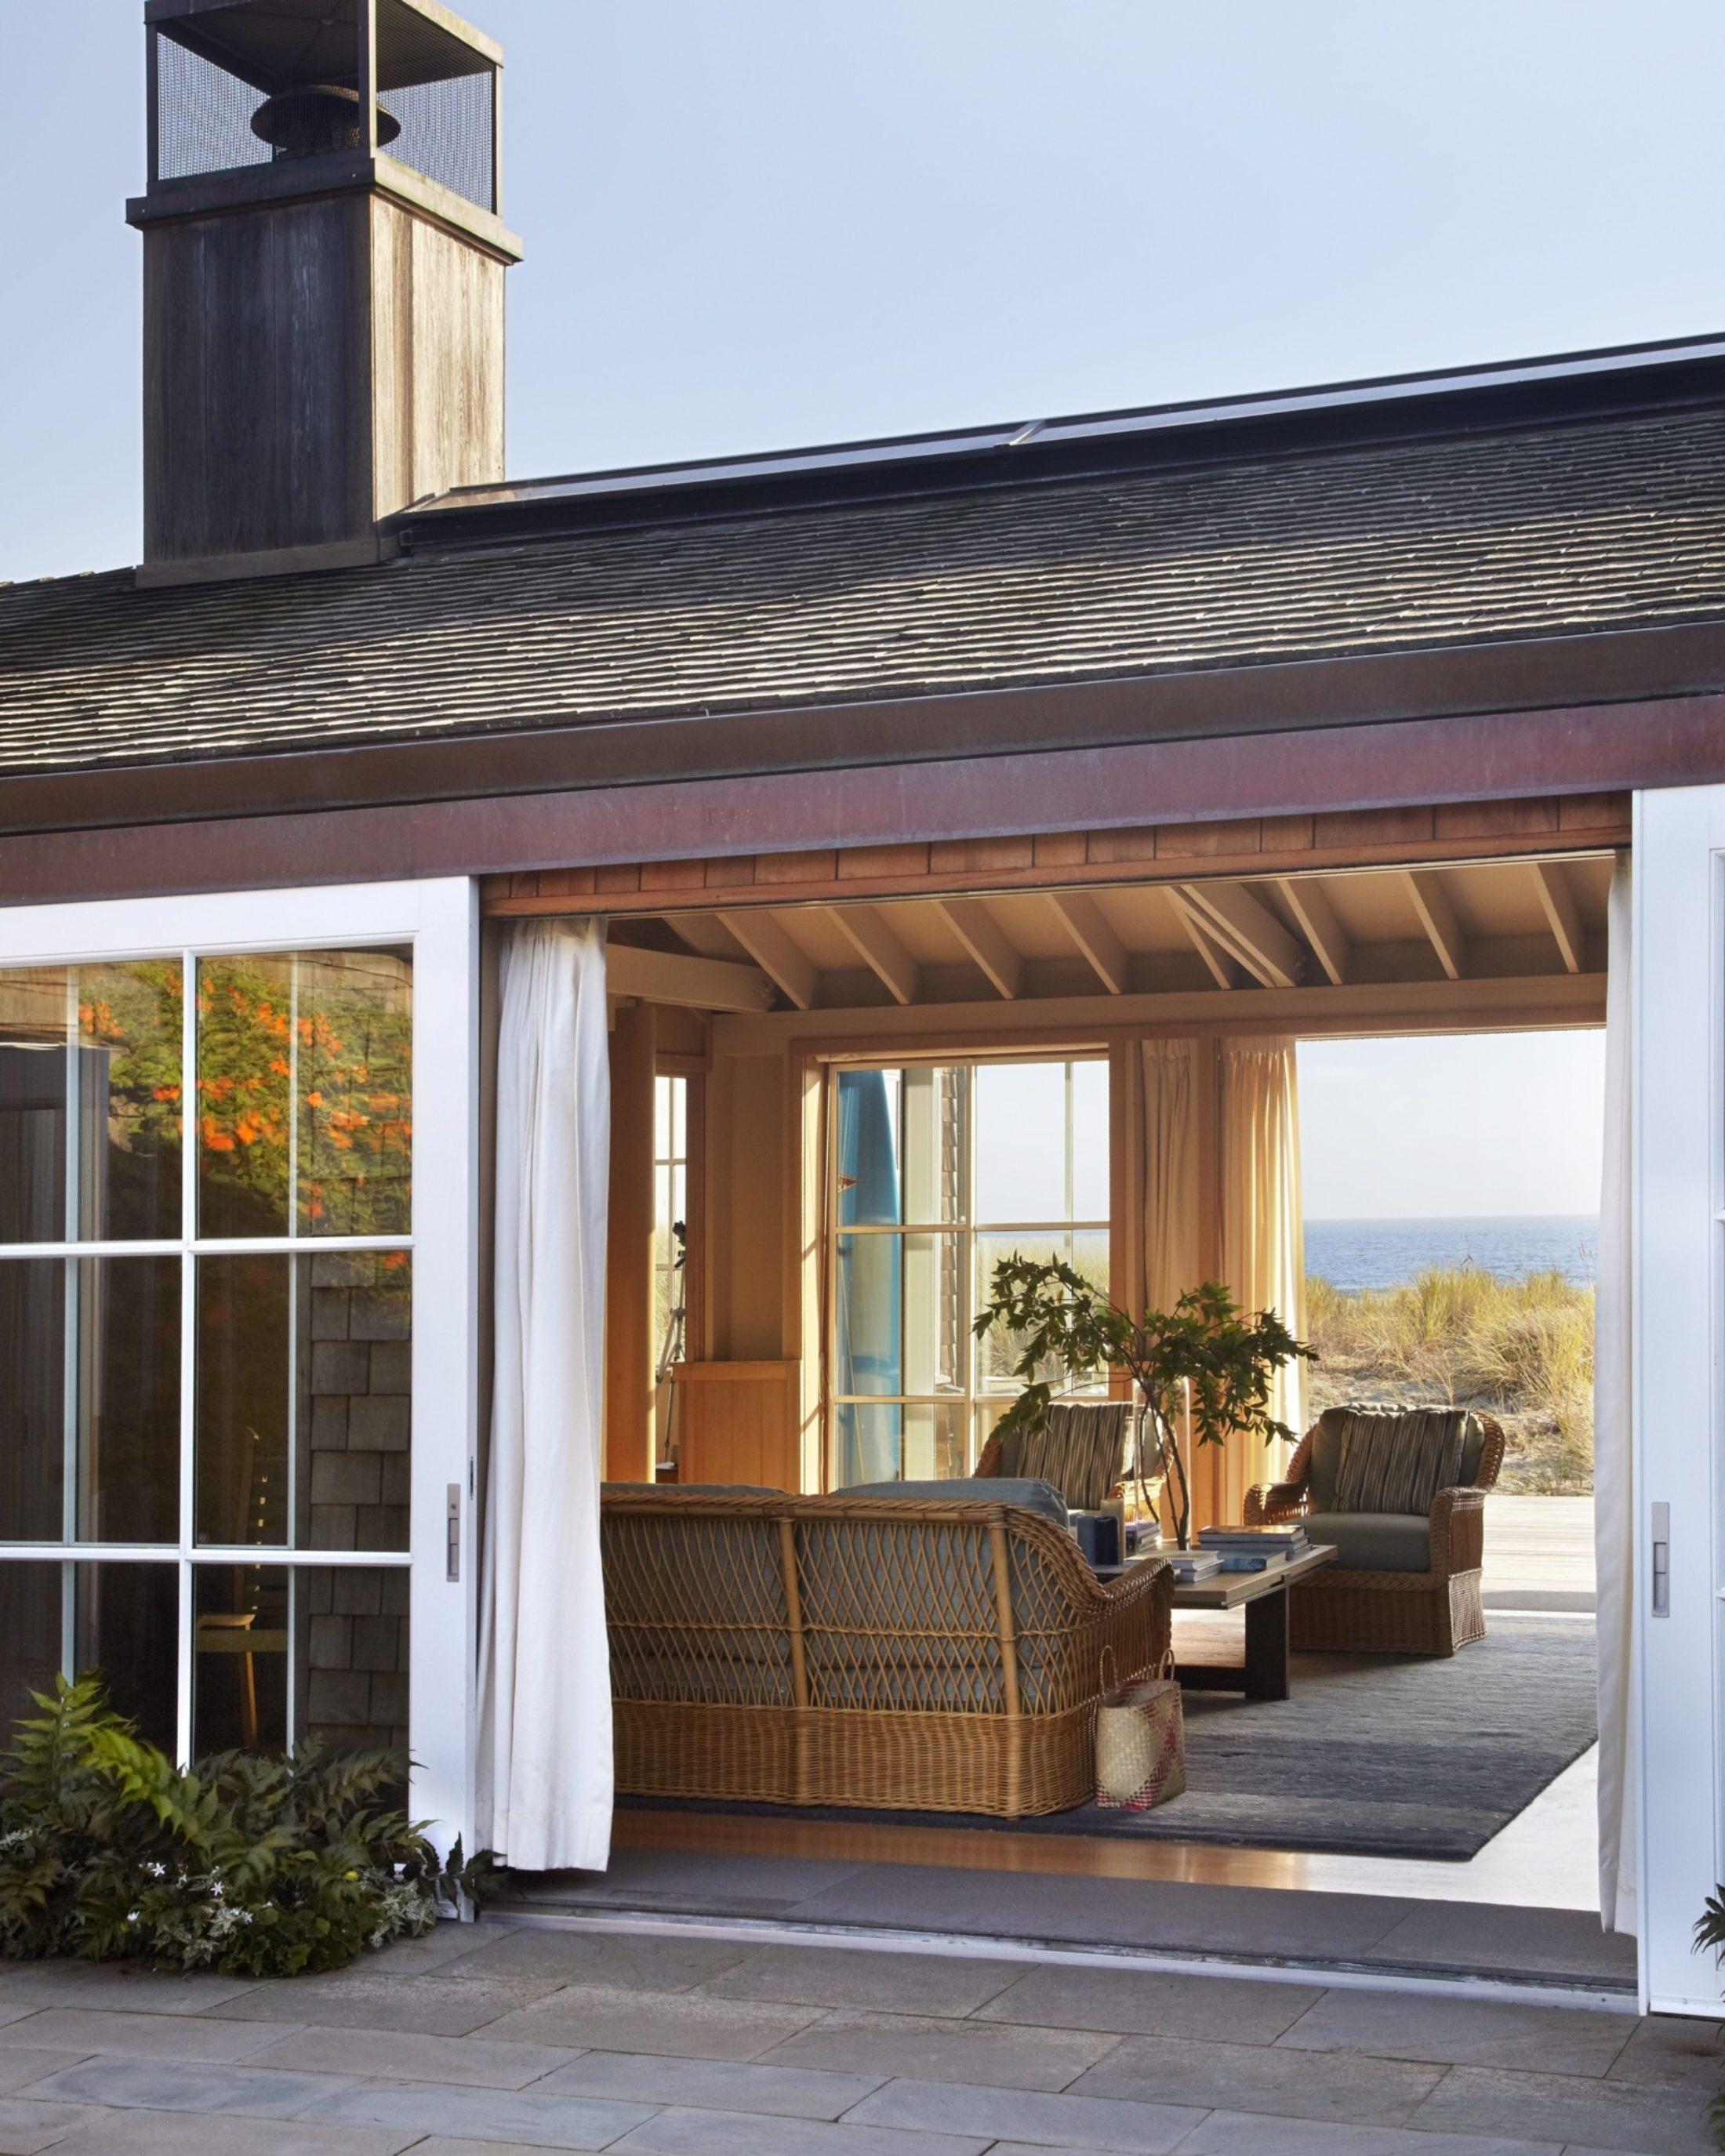 Stinson Beach House - Contemporary - Deck - San Francisco